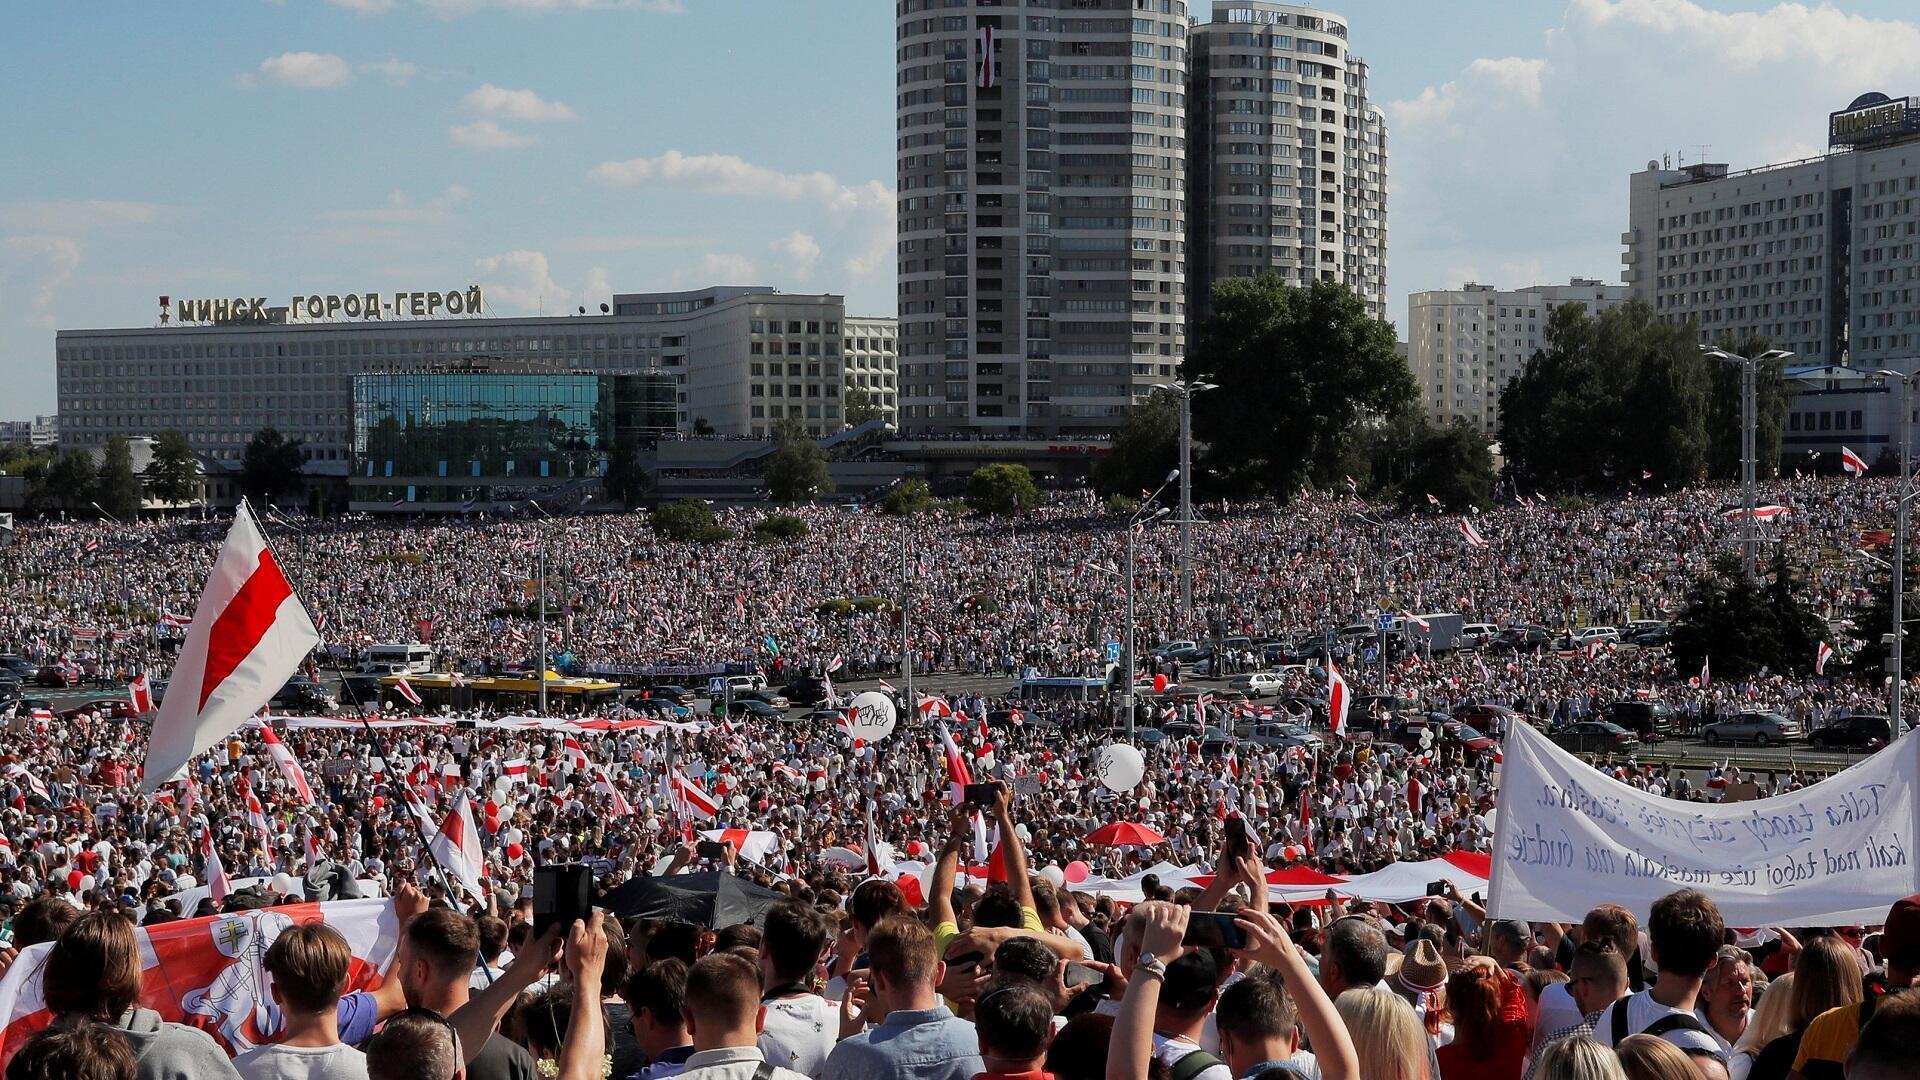 Miles de personas se manifiestan en las calles de la capital bielorrusa, Minsk, contra los resultados de las elecciones presidenciales en las que el presidente Alexander Lukashenko declaró la victoria en un sexto mandato, el 16 de agosto de 2020.